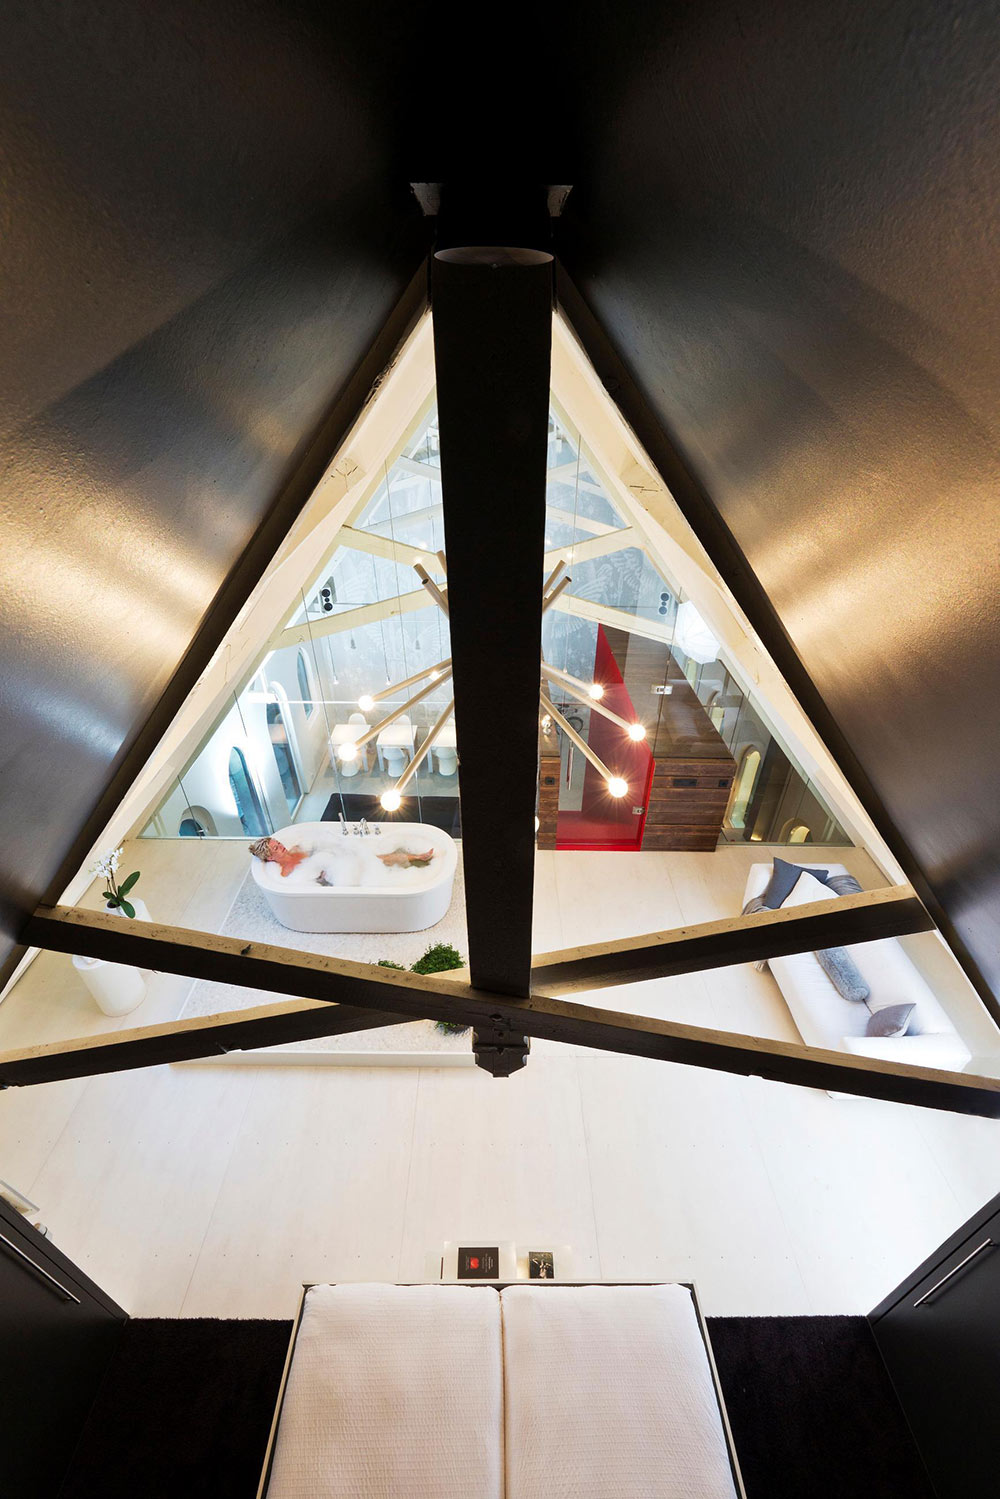 Glass Wall, Mezzanine Bathroom, Unique Loft Conversion in The Netherlands